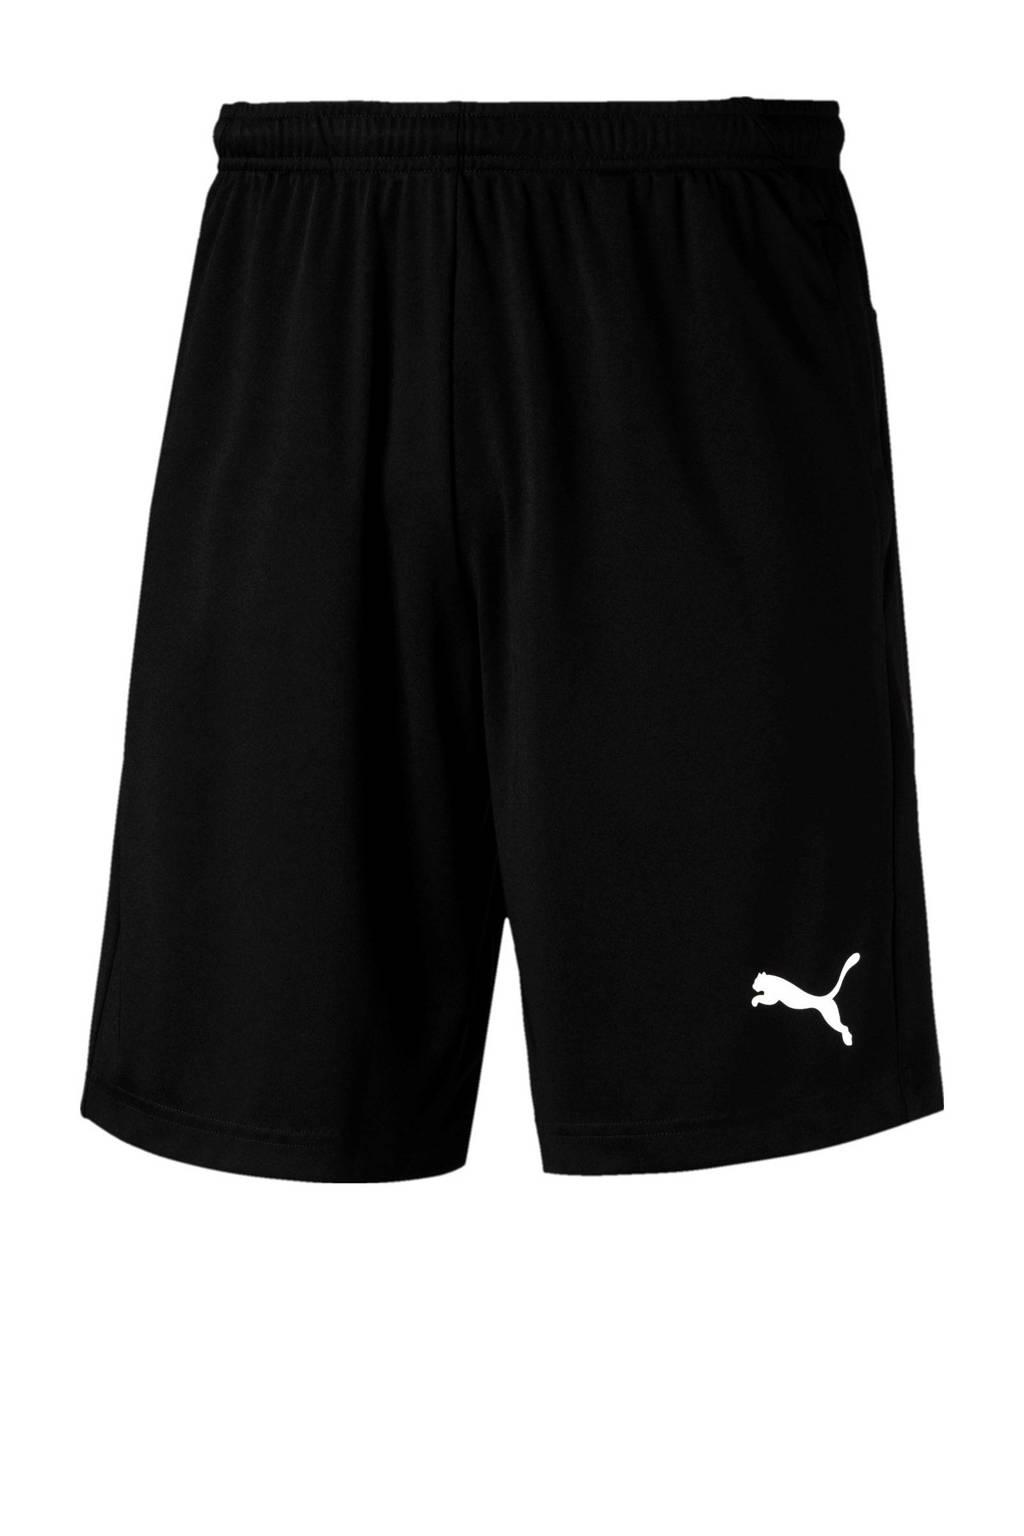 Puma   voetbalshort zwart, Zwart